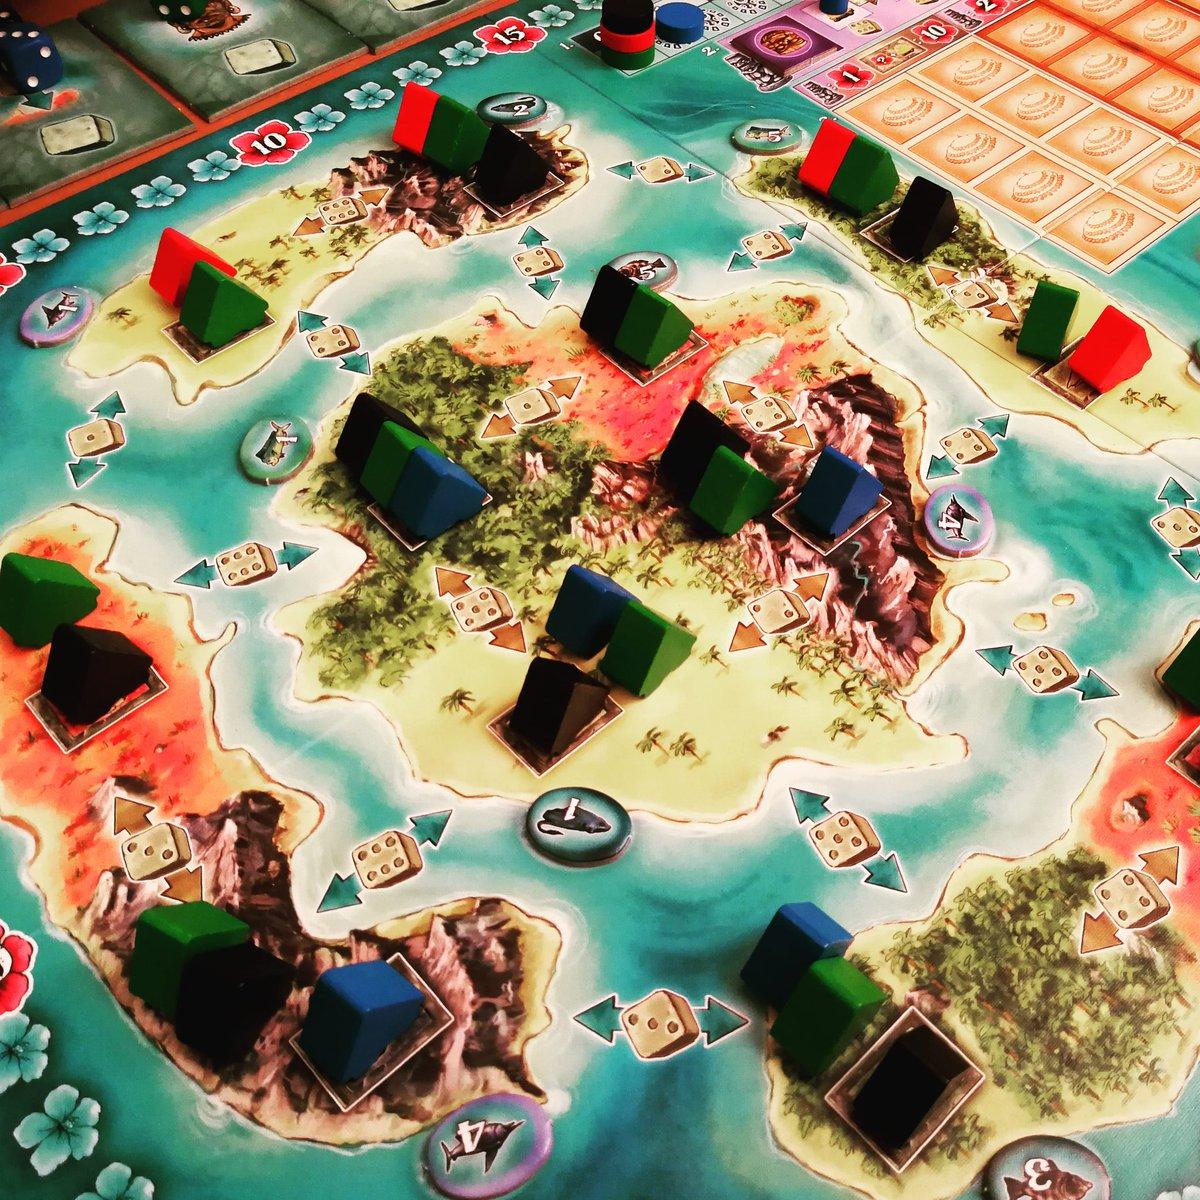 """""""Bora Bora"""" von Stefan Feld erschienen bei @RavensburgerUK   Eines von Felds """"Würfel-Einsetz"""" Spielen, welches leider auch nach mehreren Partien nicht ganz überzeugen konnte   Die Konkurrenz im eigenen Haus mit """"Merlin"""" oder """"Burgen von Burgund"""" ist zu groß #brettspielpic.twitter.com/PB4LPDjnlm"""